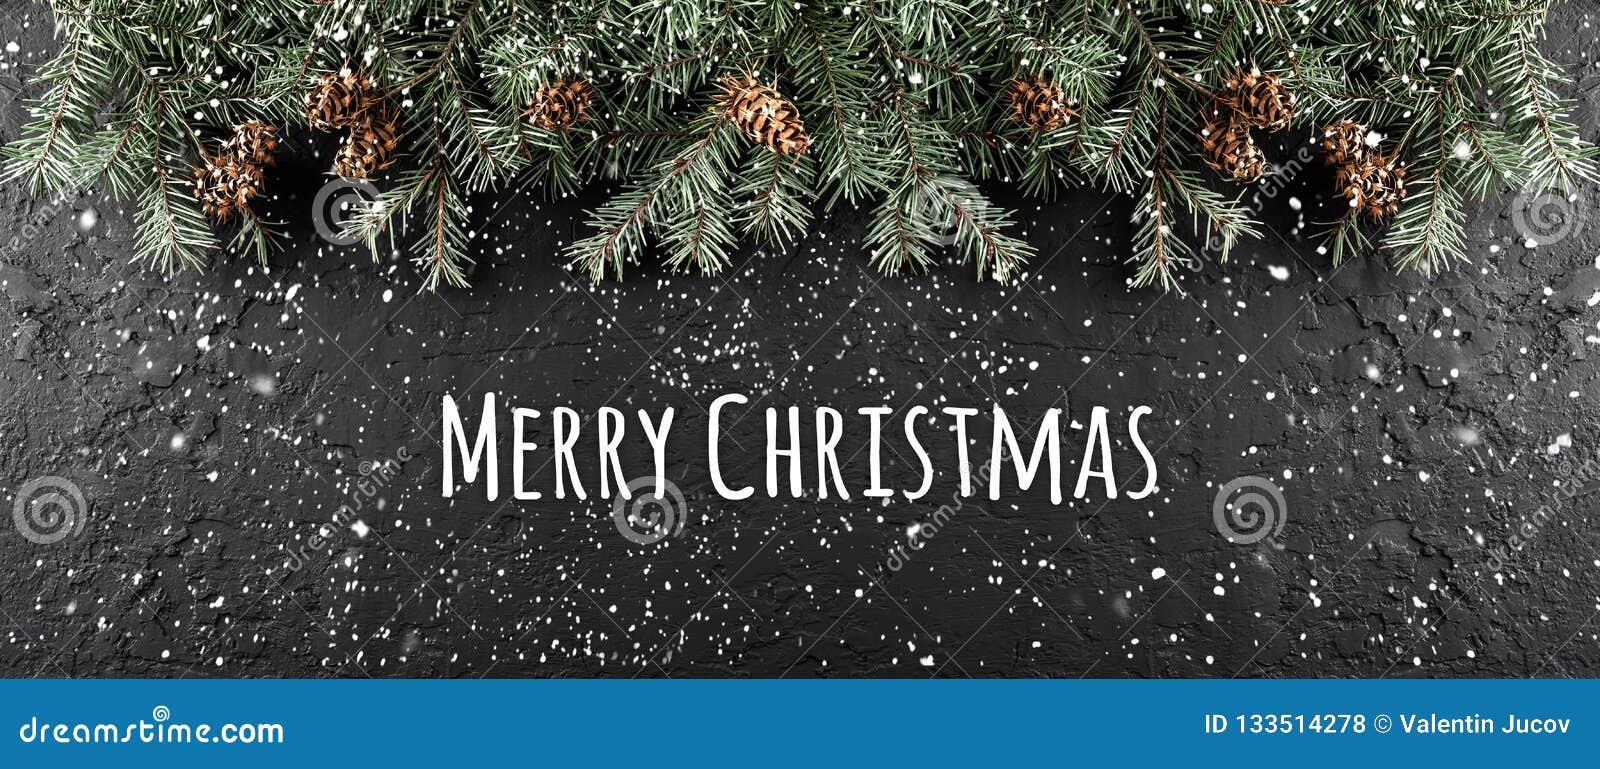 Feliz Natal tipográfico no fundo escuro do feriado com quadro de ramos do abeto, cones do pinho